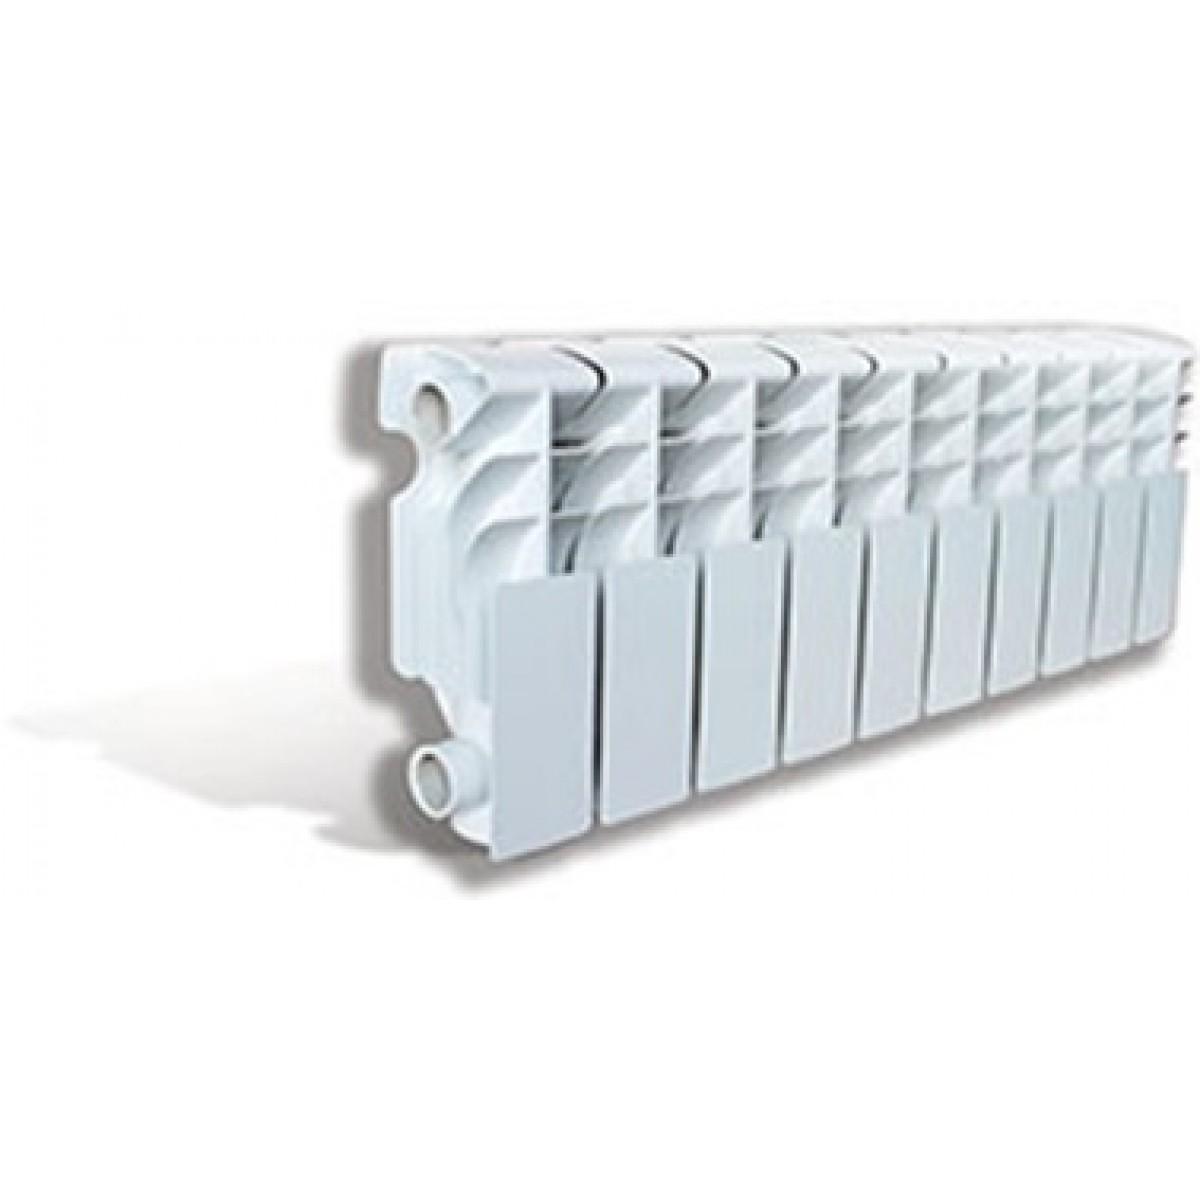 Где купить алюминиевые радиаторы отопления